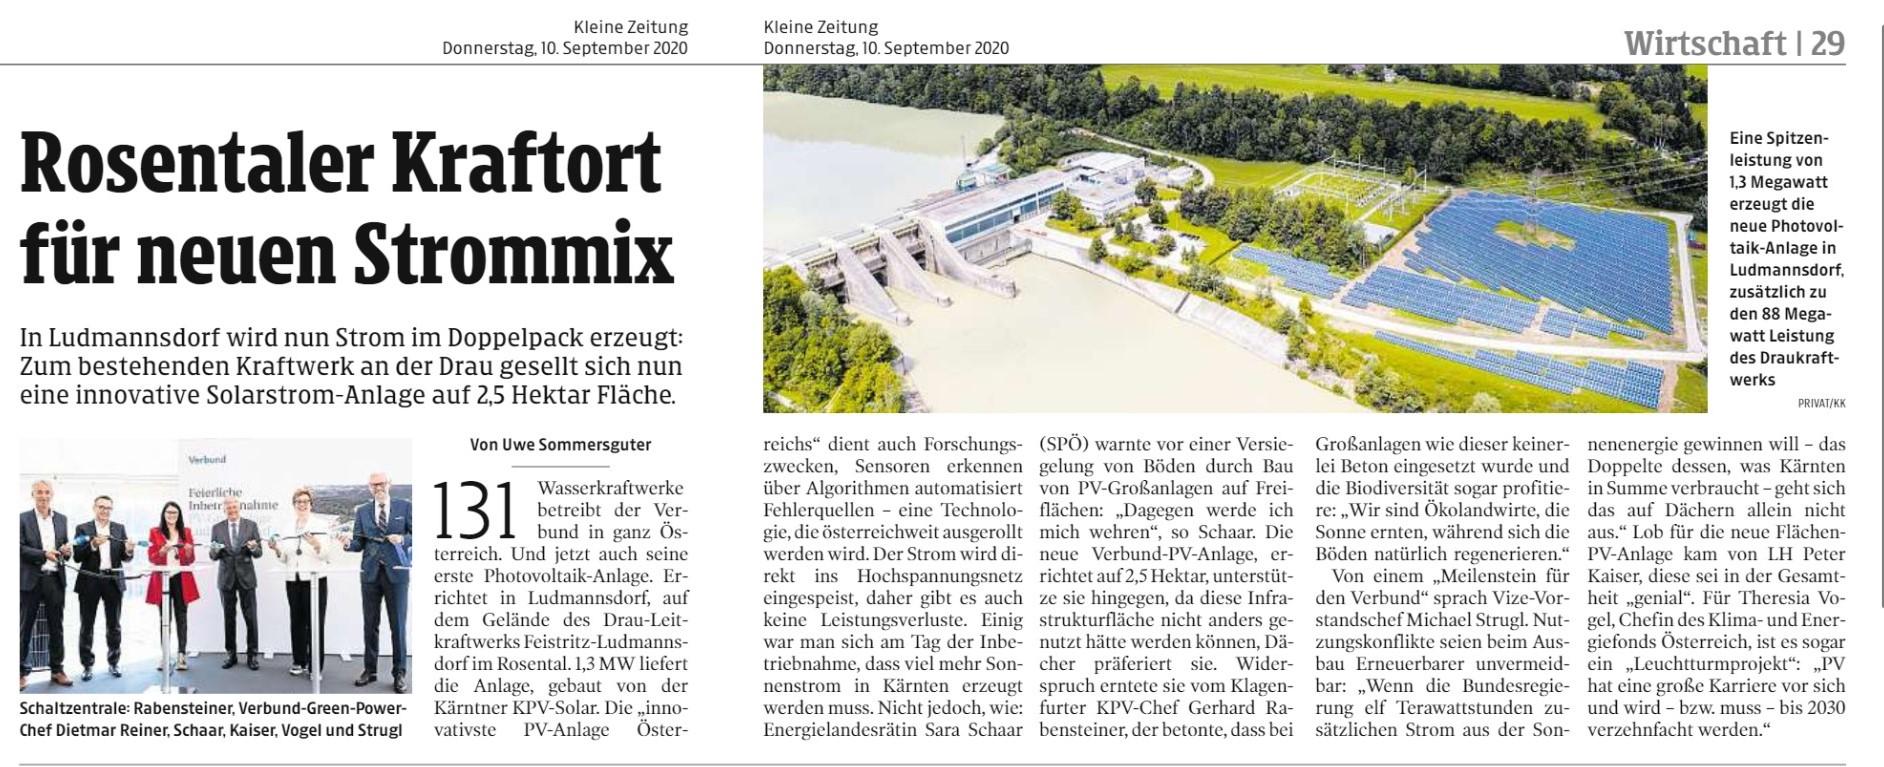 Beitrag Kleine Zeitung zur Eröffnung PV-Kraftwerk Ludmannsdorf